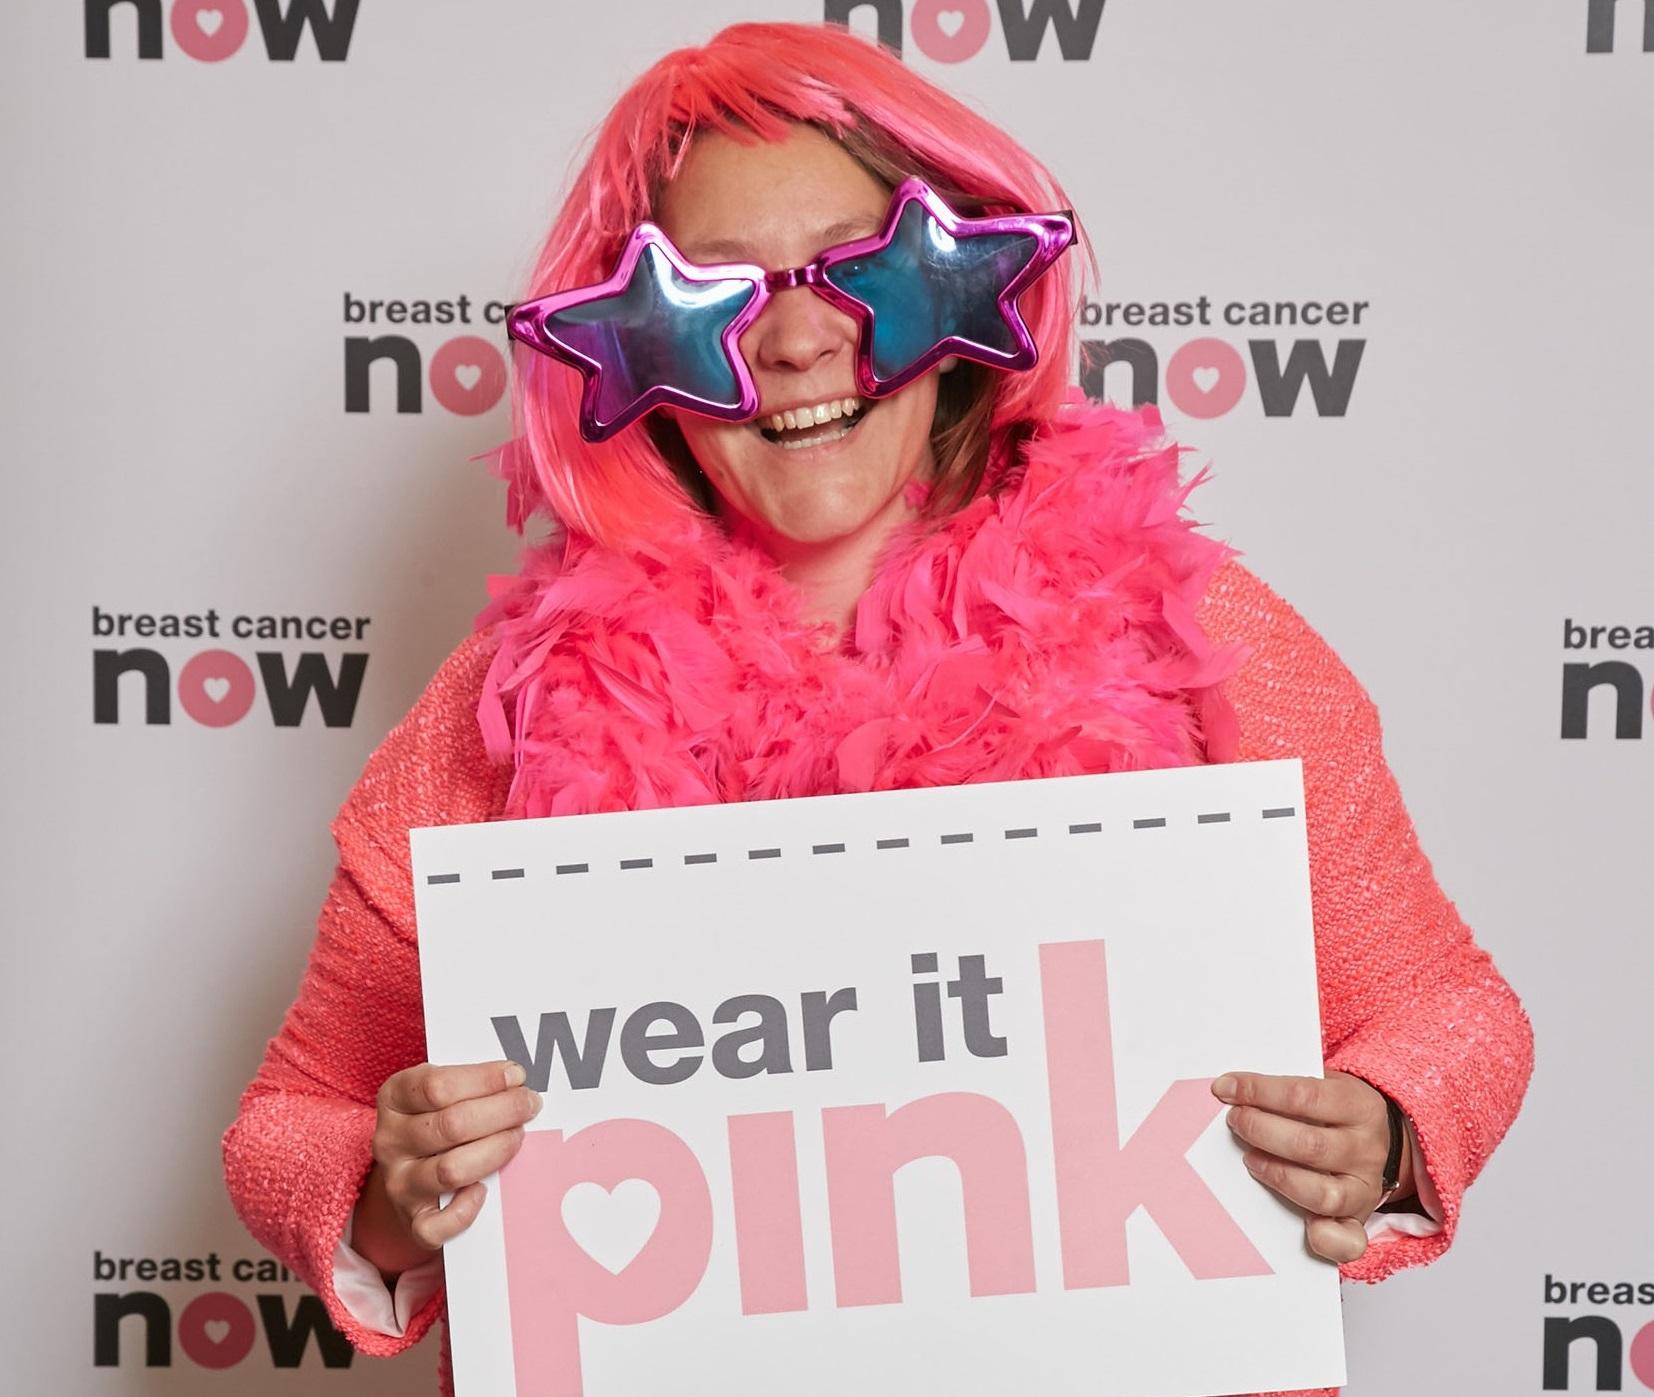 Anna_Turley_Wear_It_Pink.jpg